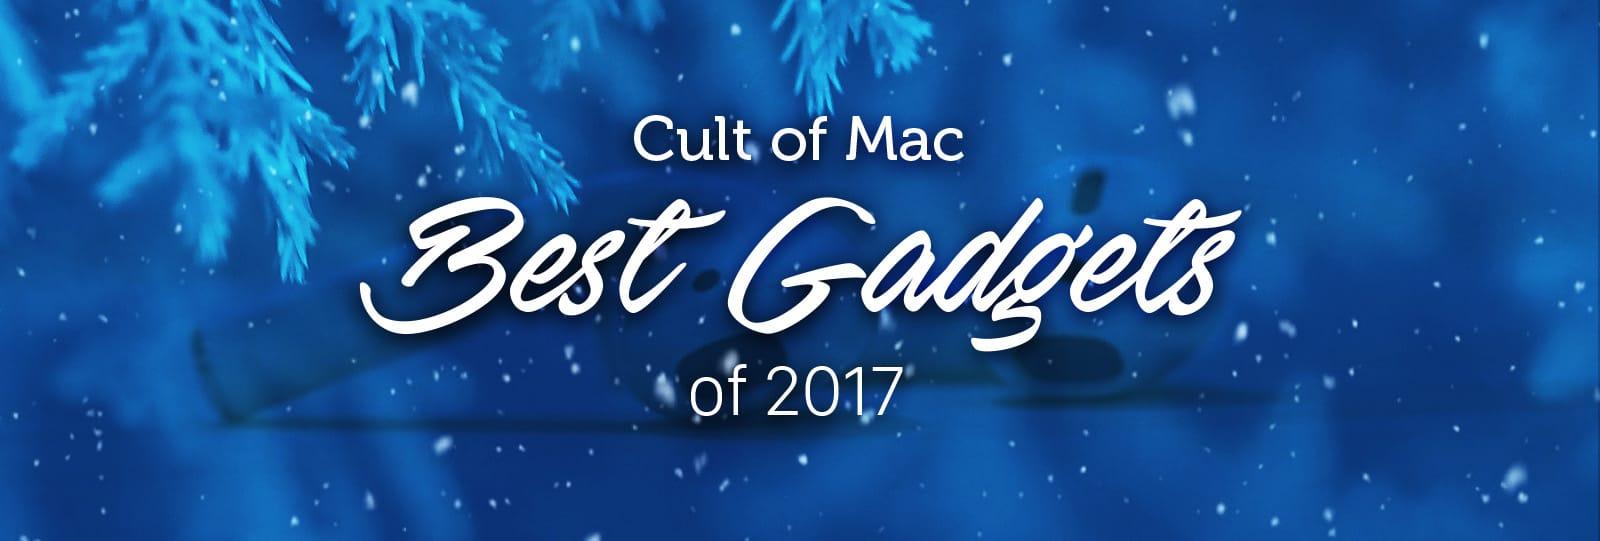 Best gadgets 2017